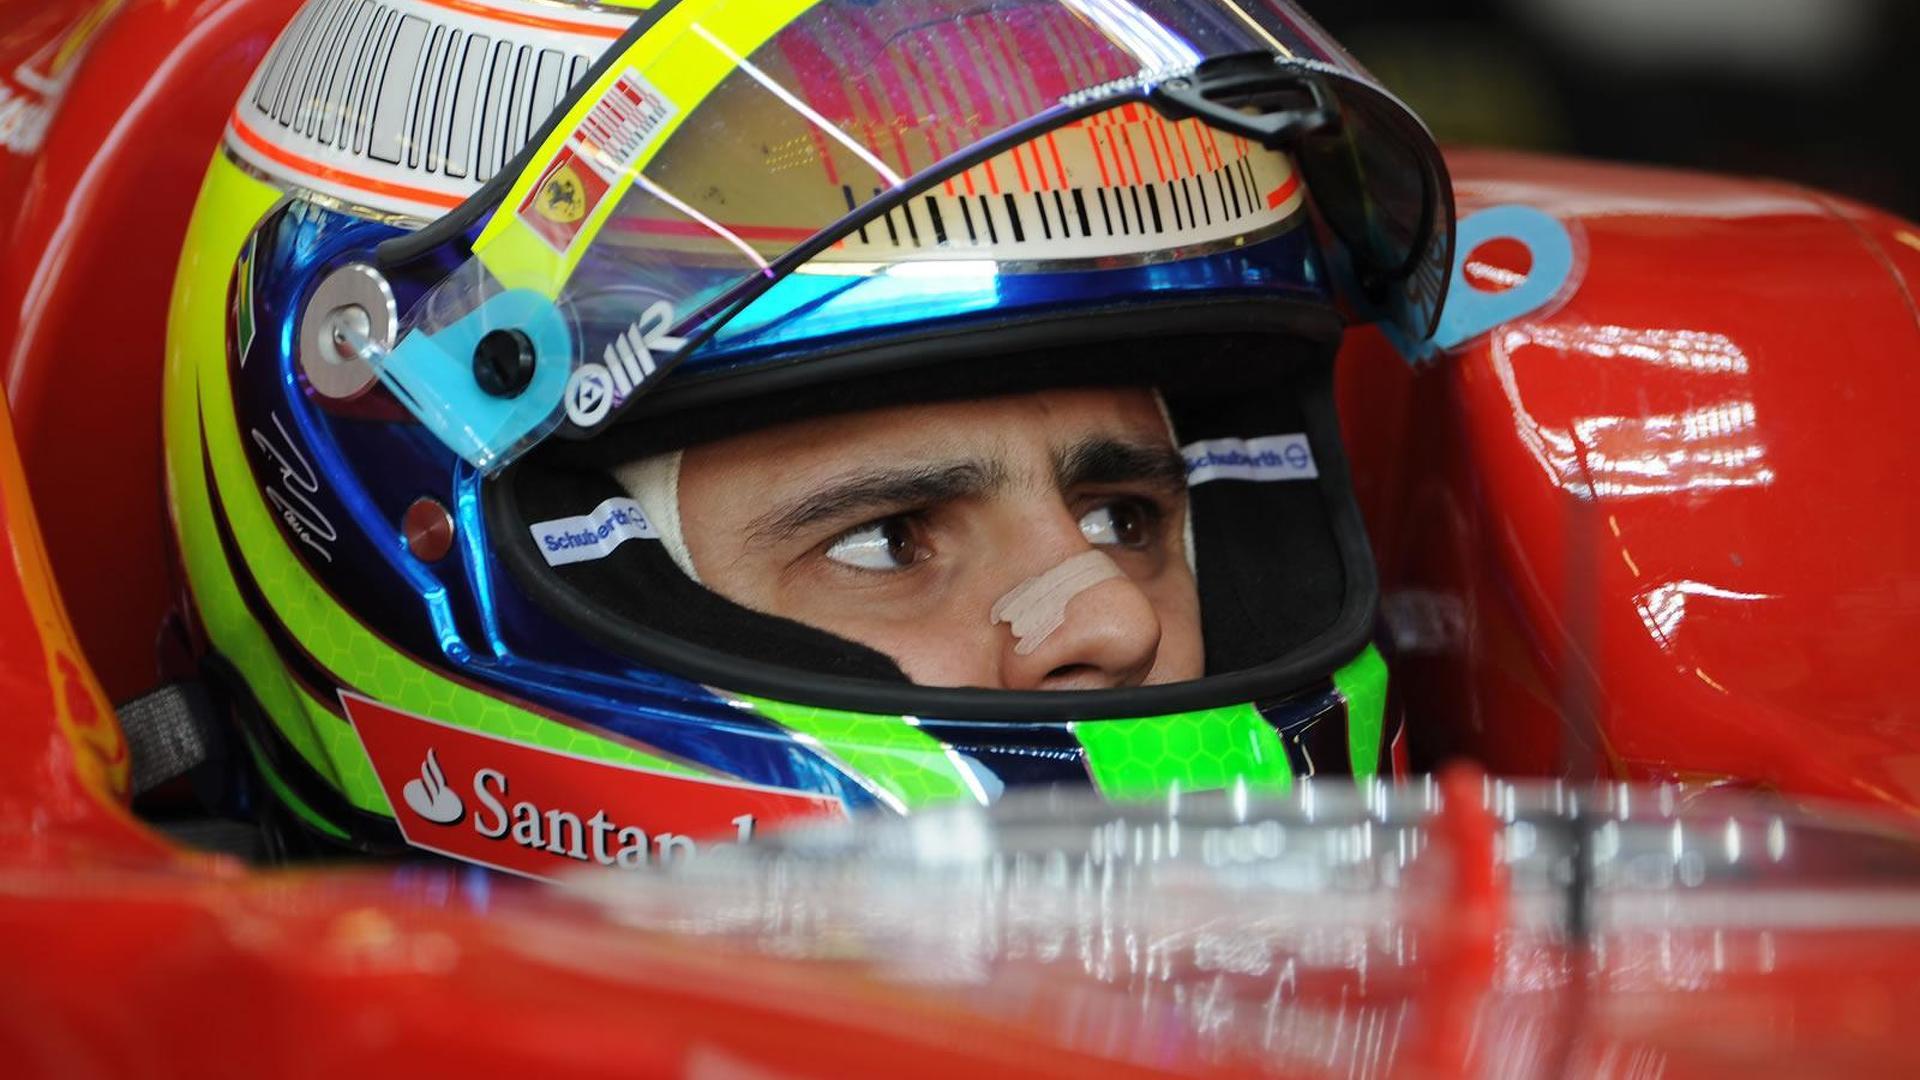 Ferrari announces new two-year contract for Massa